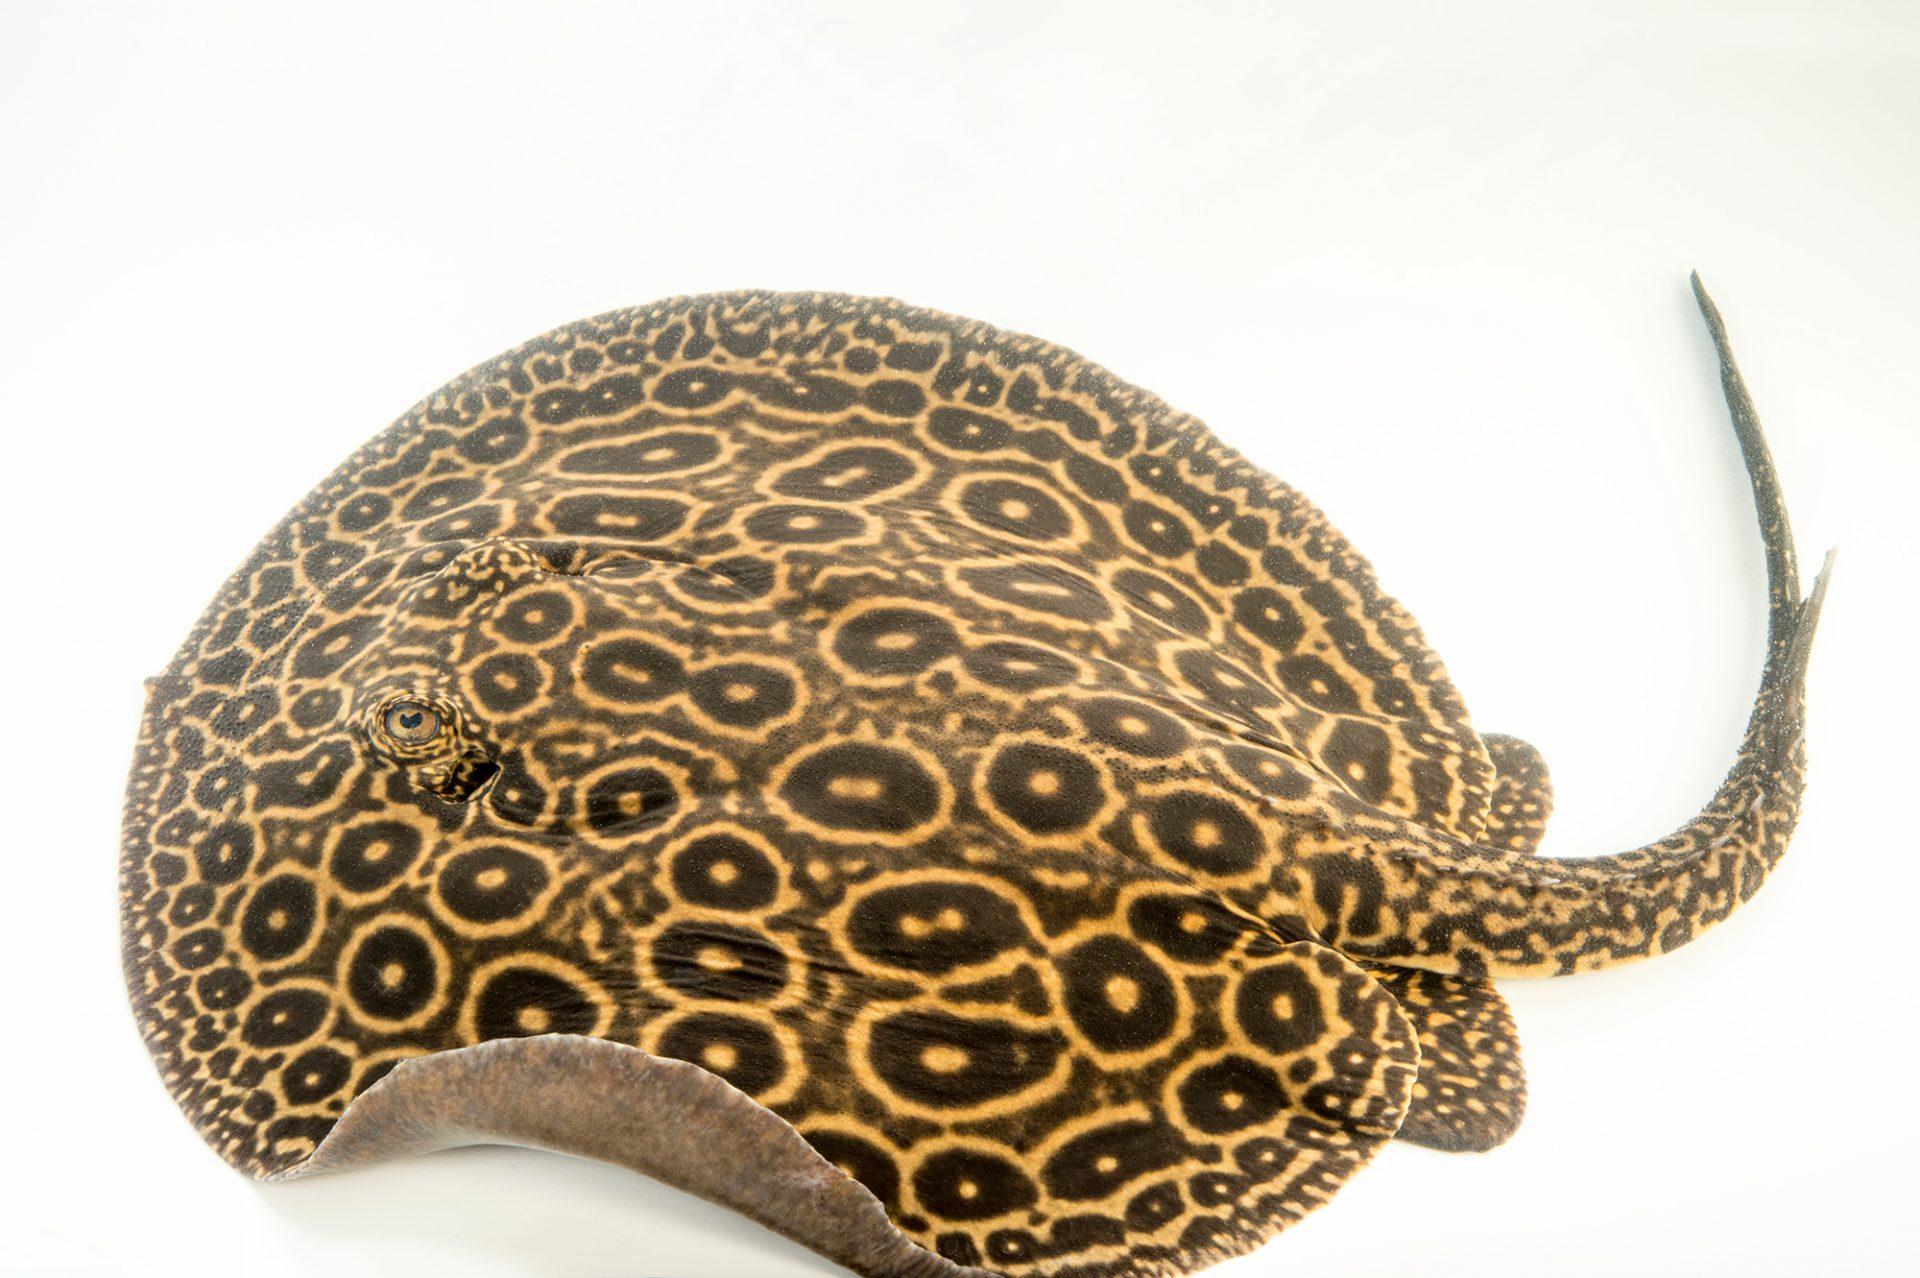 Photo: Pearl ray (Potamotrygon sp. still undescribed) at L'aquarium tropical du palais de la Porte DorŽe.